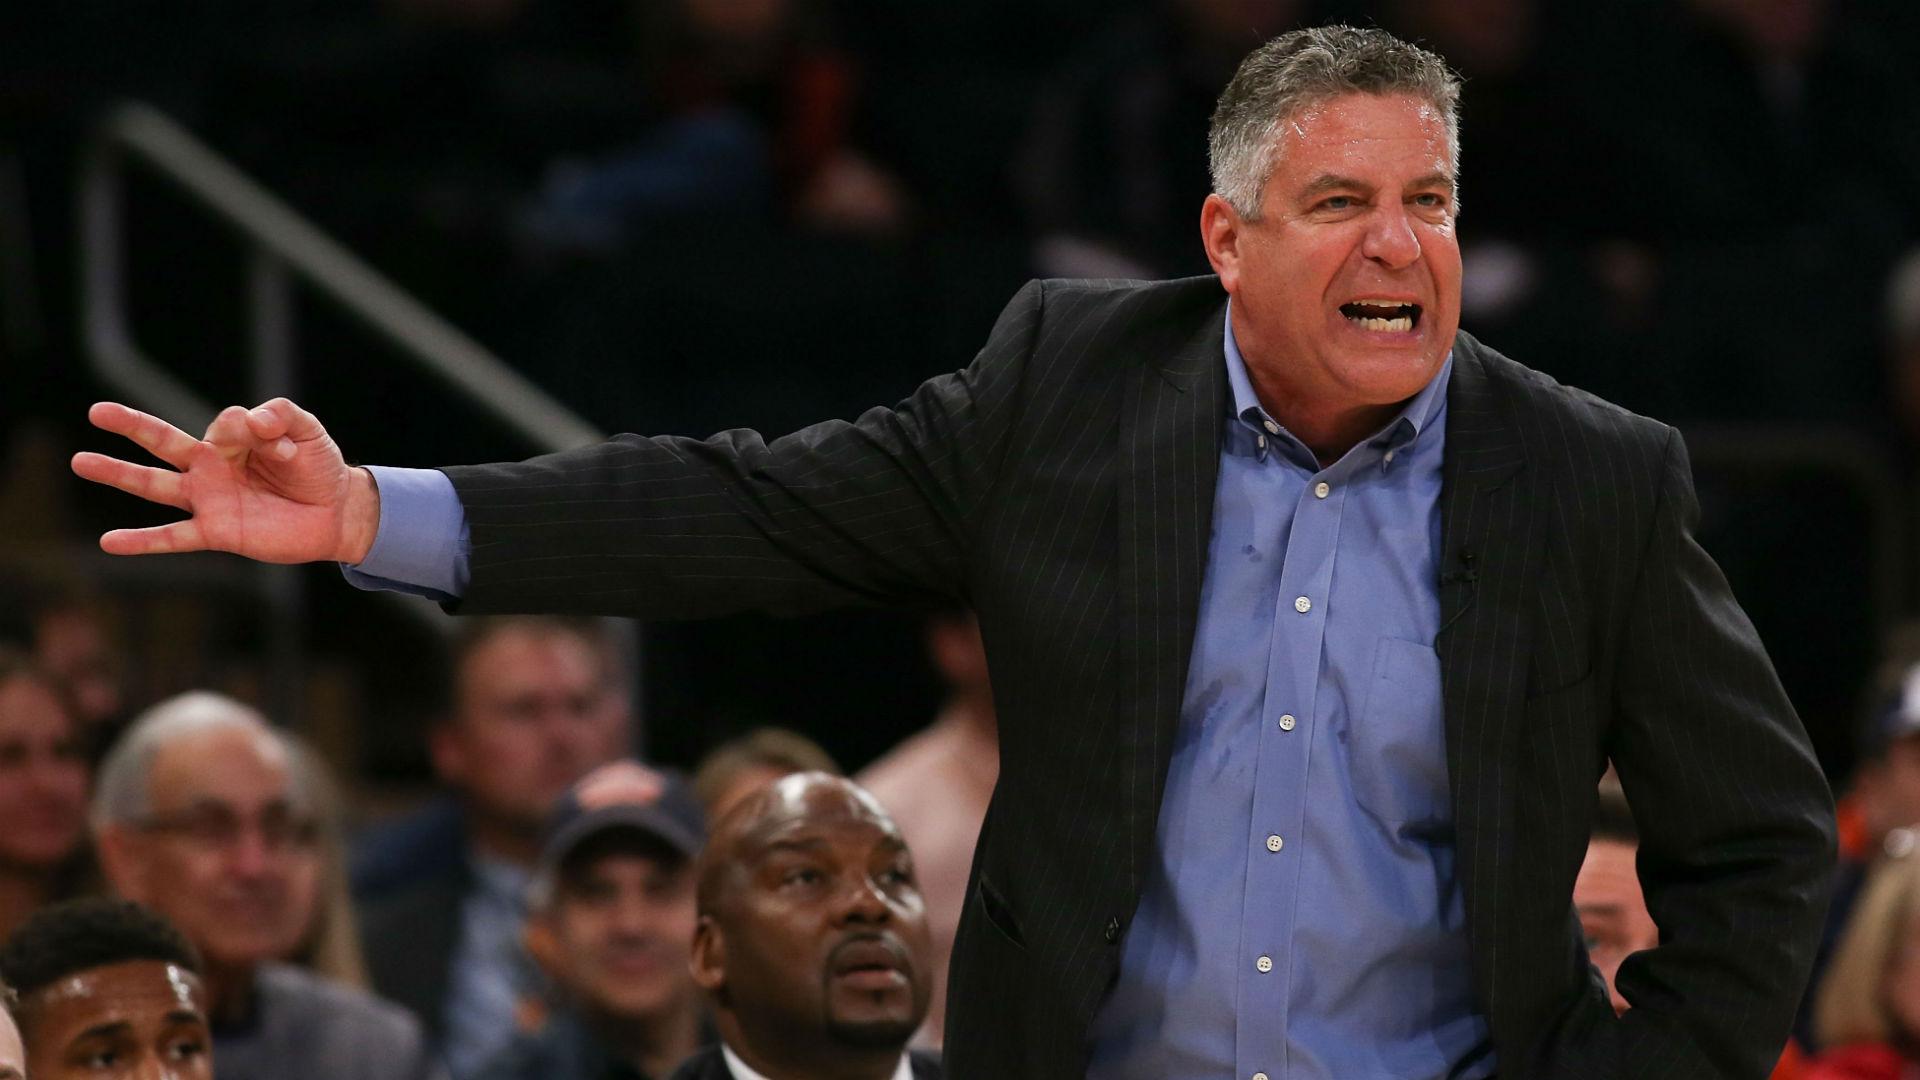 Auburn's wisdom in extending Bruce Pearl's contract is debatable